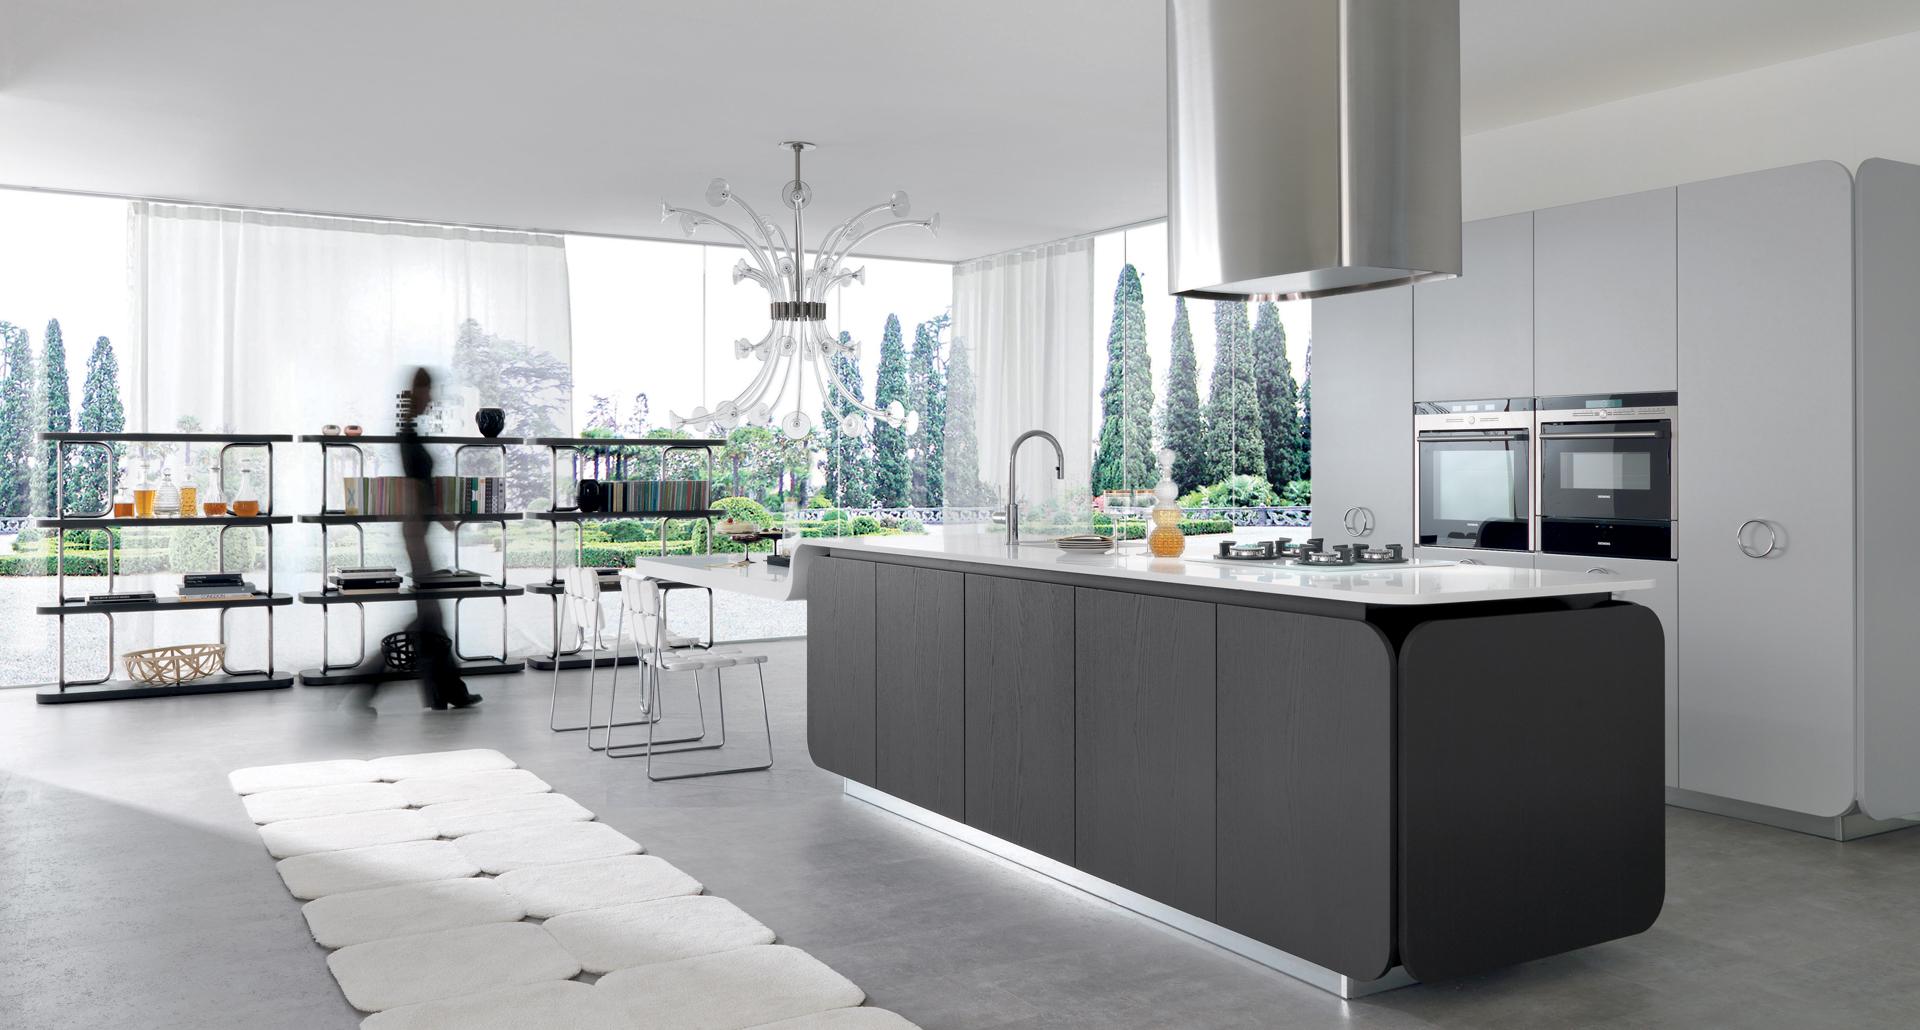 Euro Design Kitchen Supply Inc